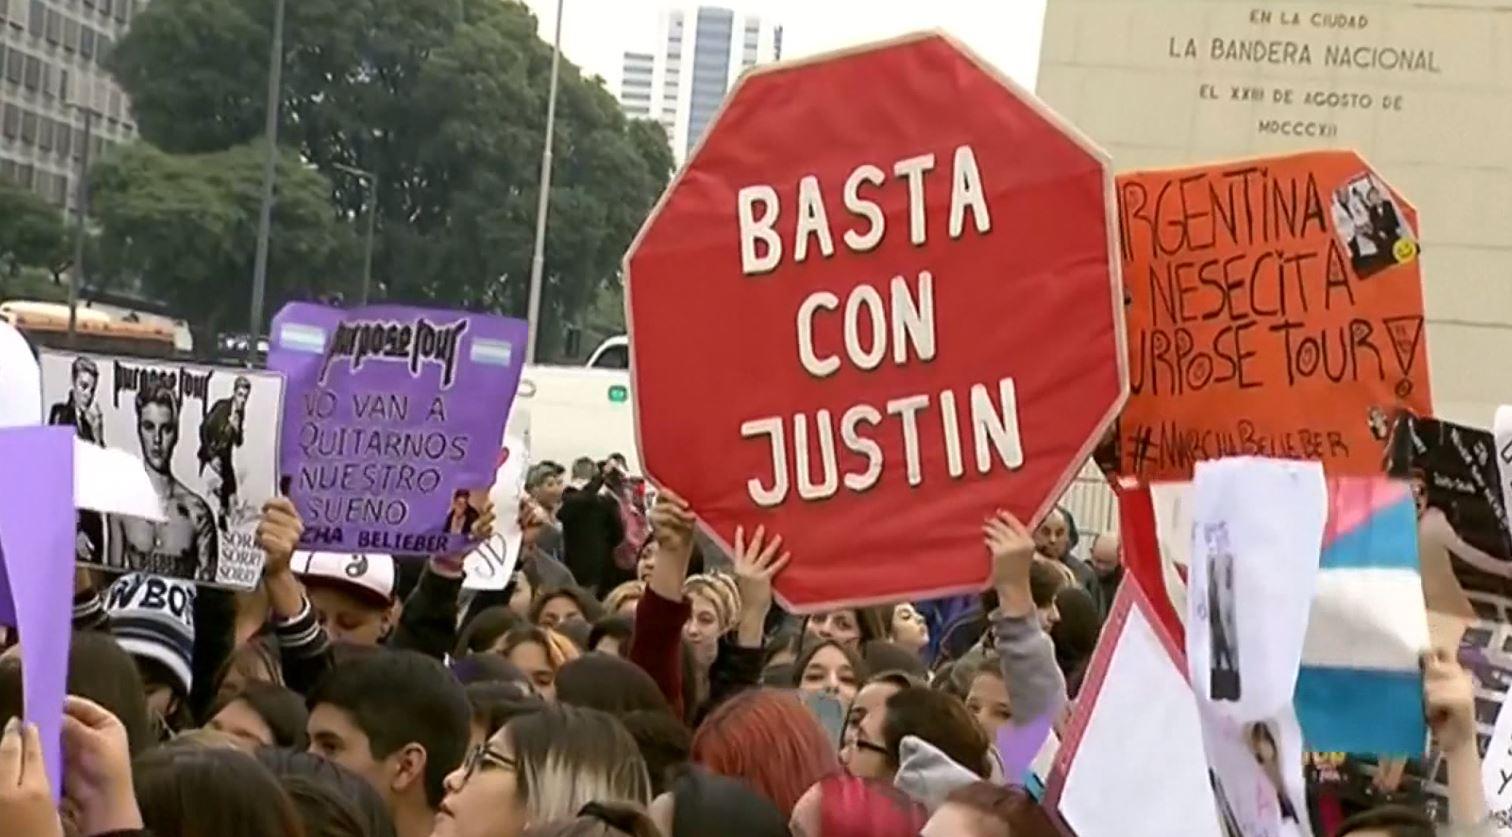 Justin Bieber protest